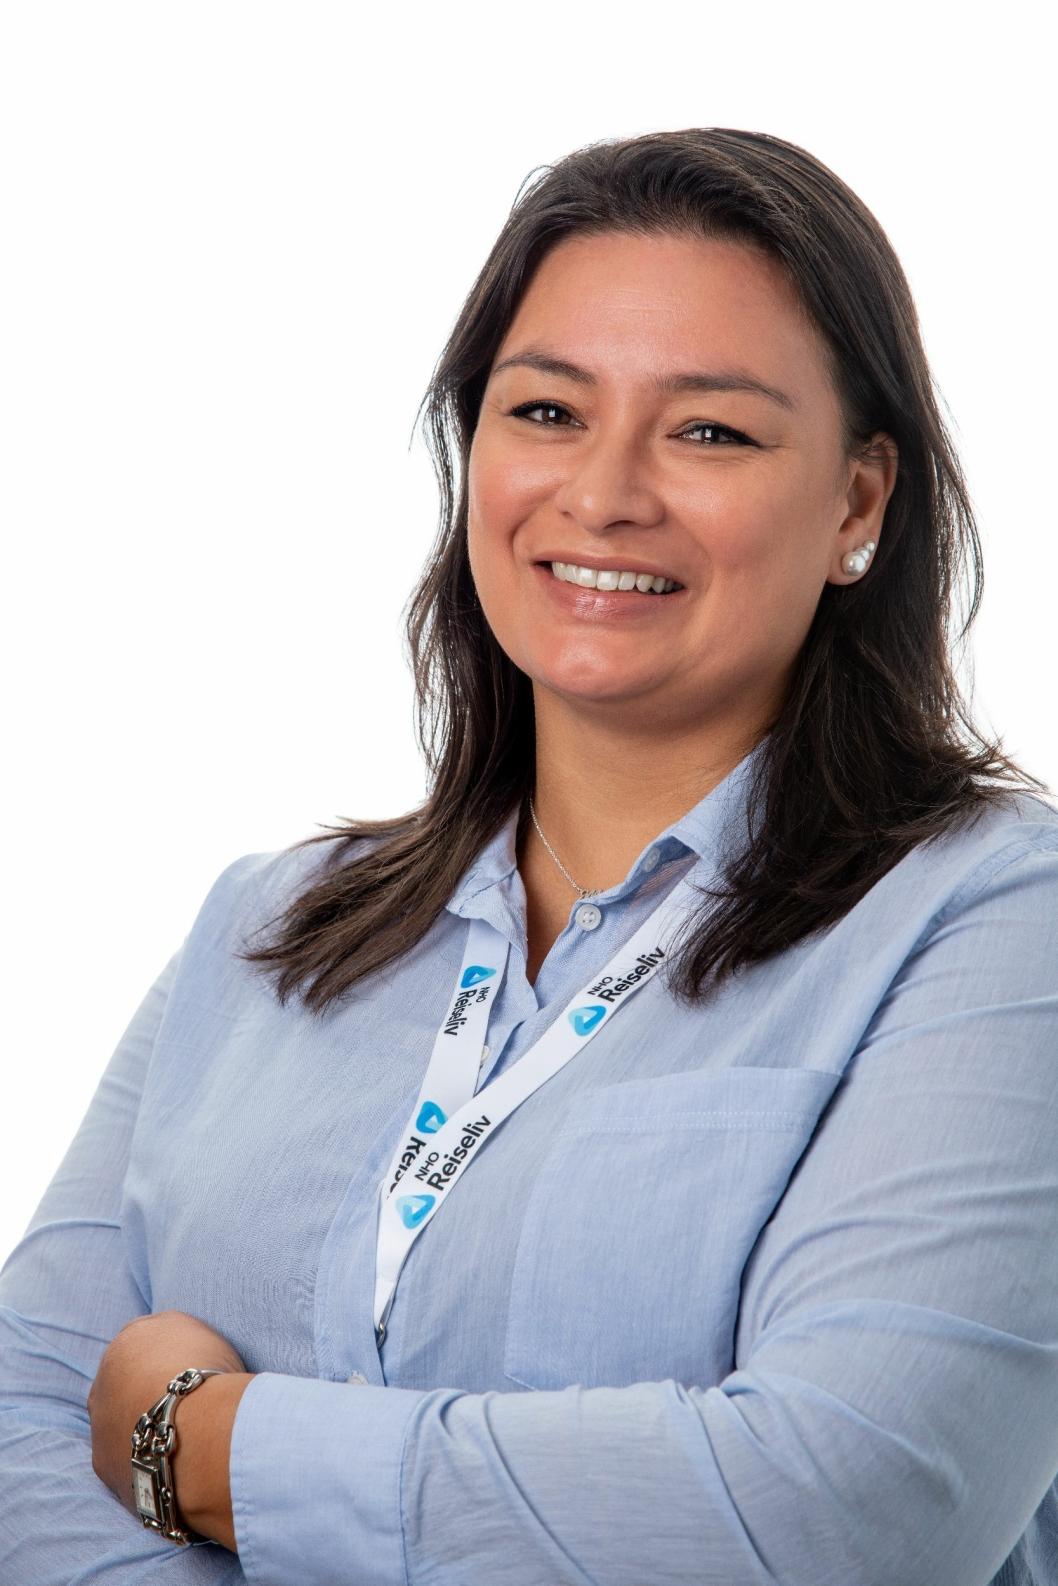 Mona Nordrum – Netthandelskonsulent.